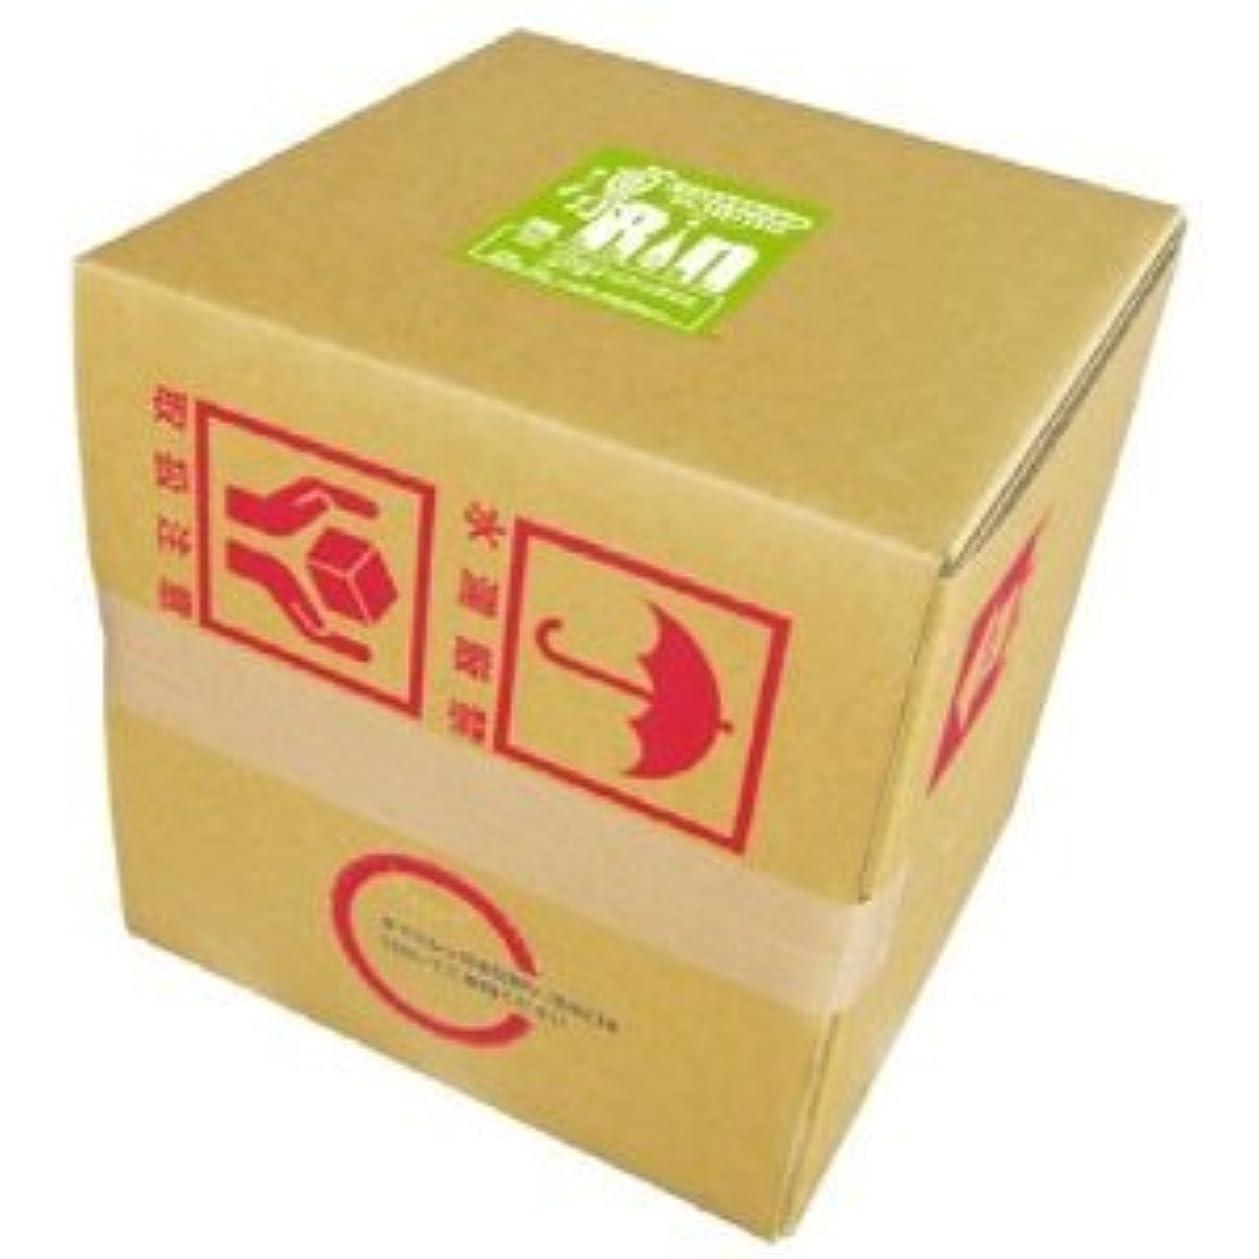 優先光沢注ぎますくさの葉化粧品 ボディソープ 凛 20リットル 箱